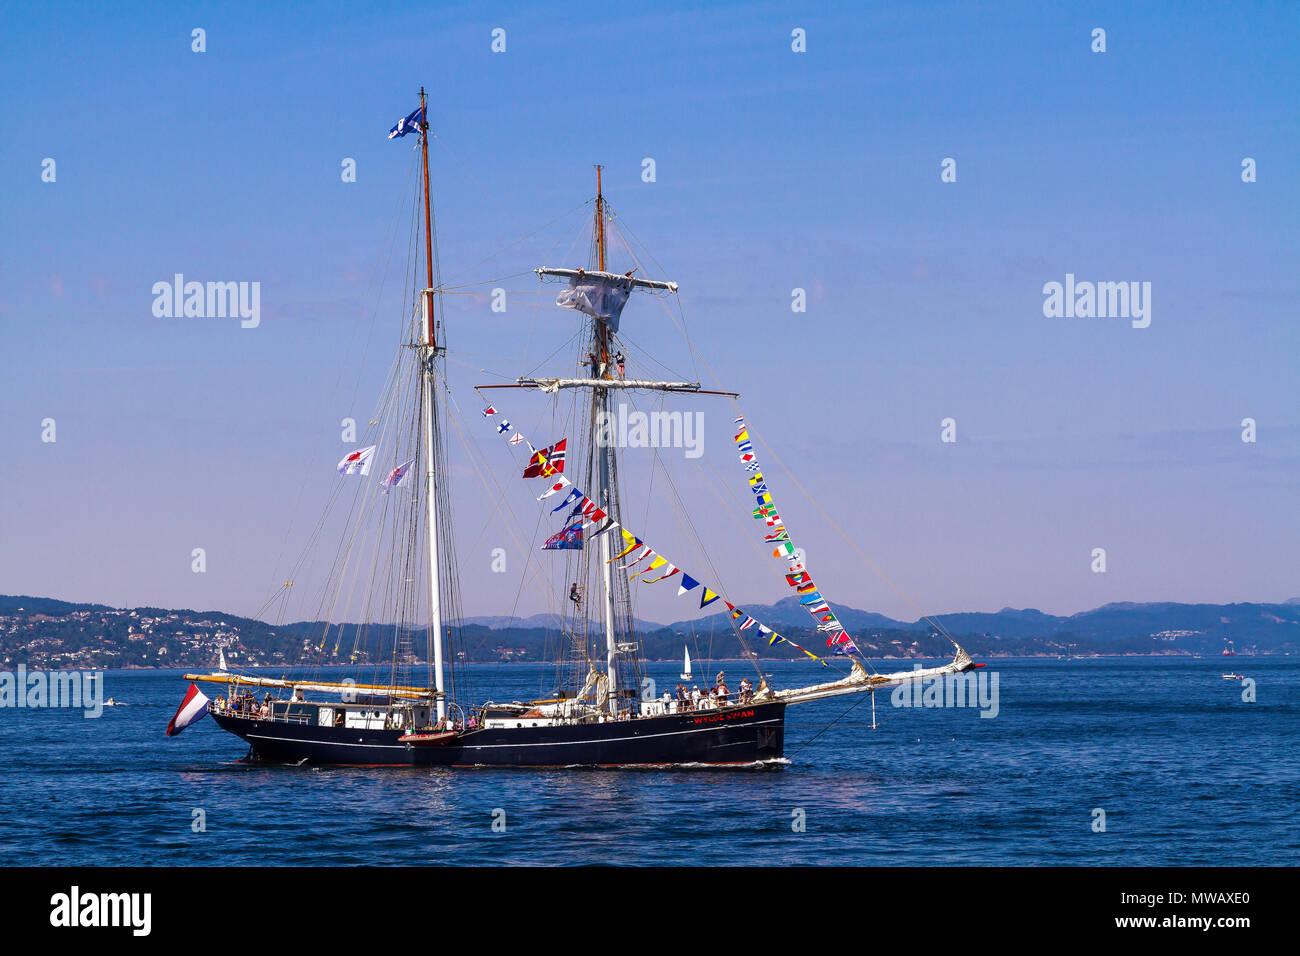 Tall Ships Race Bergen, Norway 2014. Dutch topsail schooner Wylde Swan arriving at Byfjorden, Bergen, Norway - Stock Image